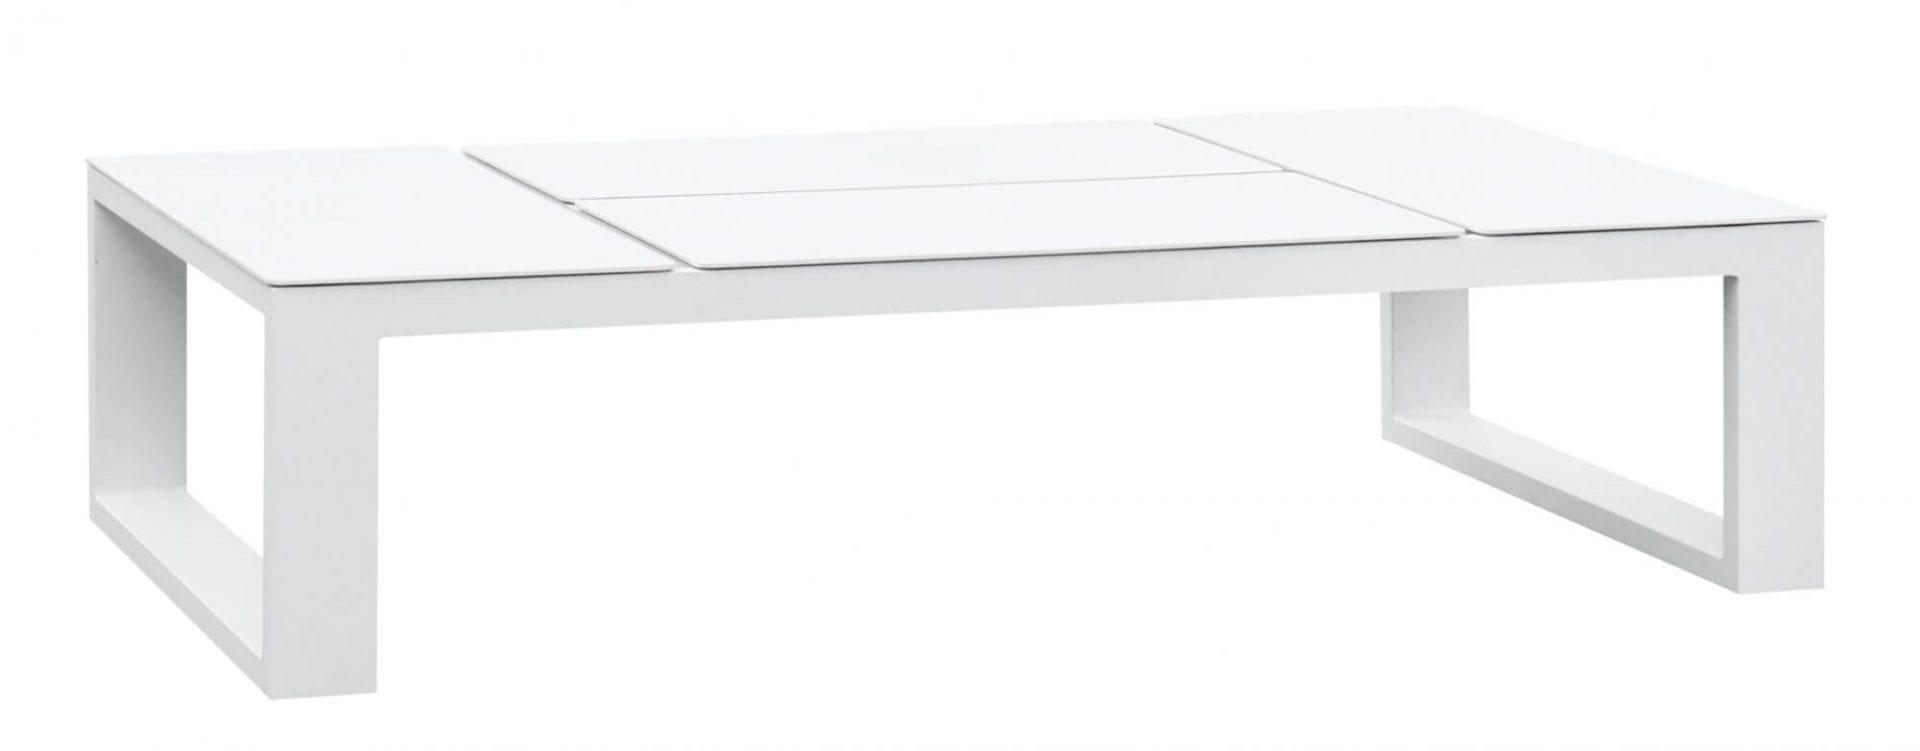 Gardenart sofabord i hvit aluminium med oppløft